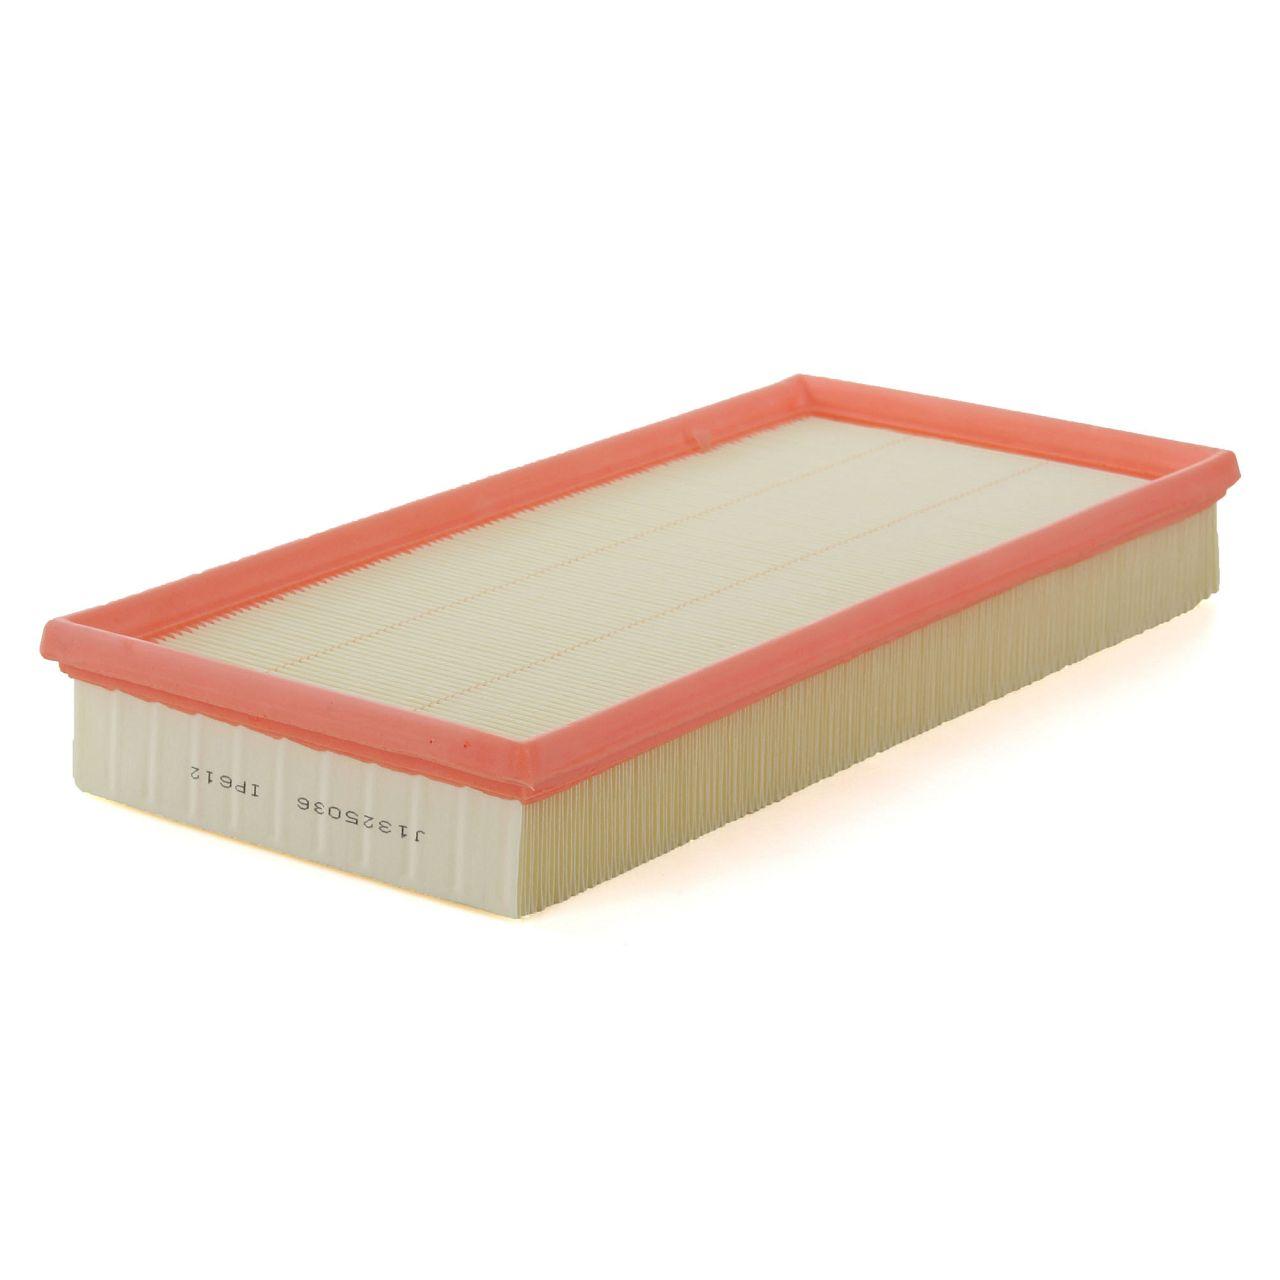 HERTH+BUSS JAKOPARTS Filterpaket Filterset für MITSUBISHI CARISMA (DA) 1.6 1.8